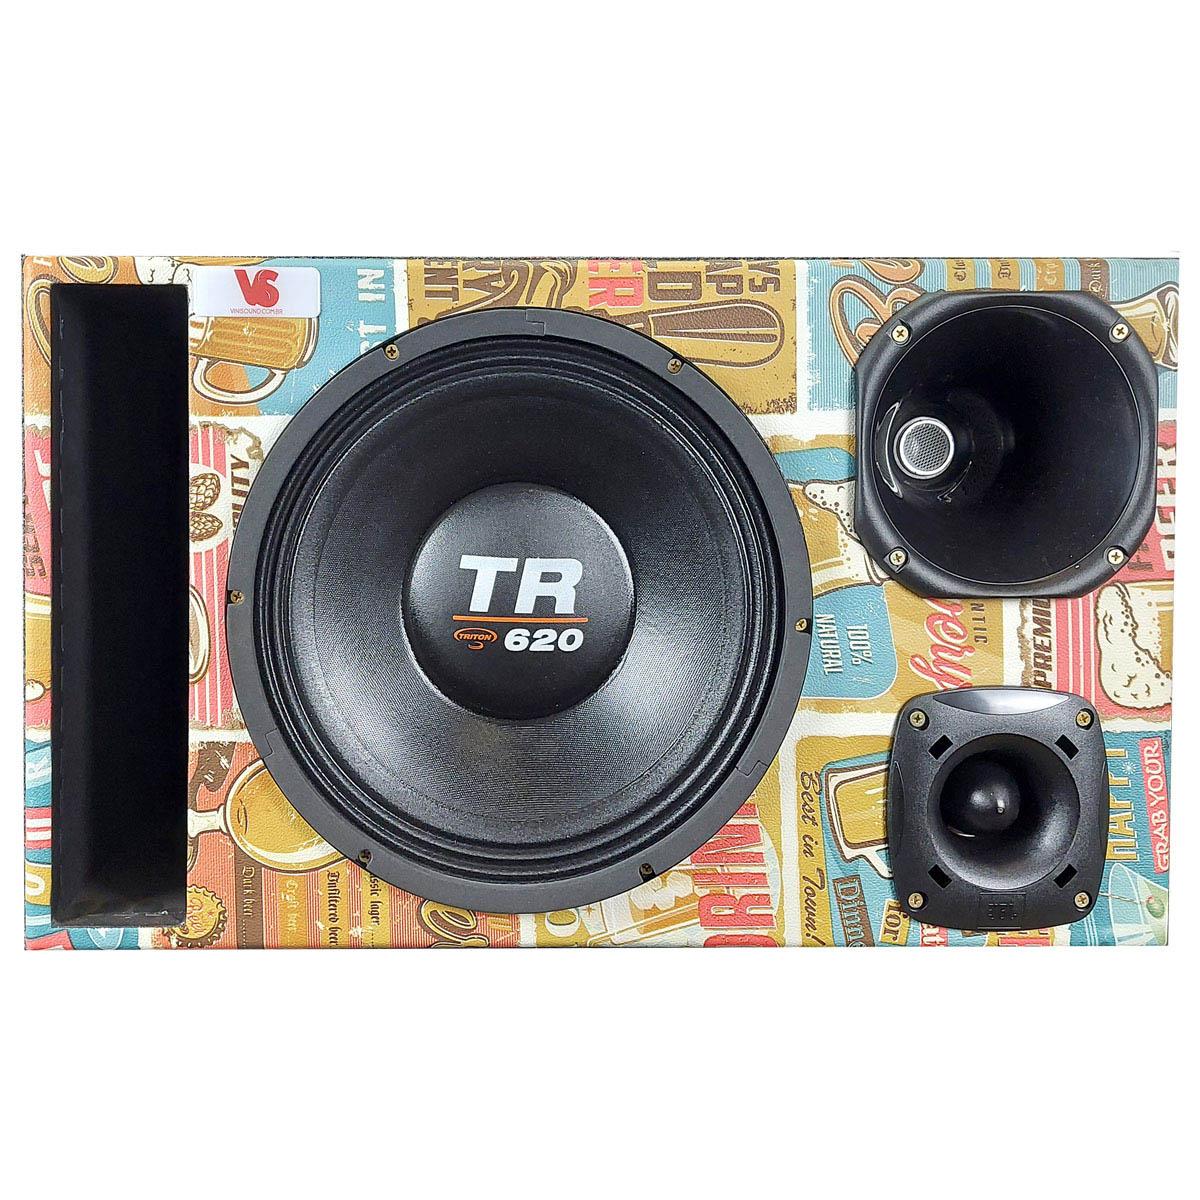 Caixa Trio Edição Especial Triton TR620 12 Pol +D250x +ST200